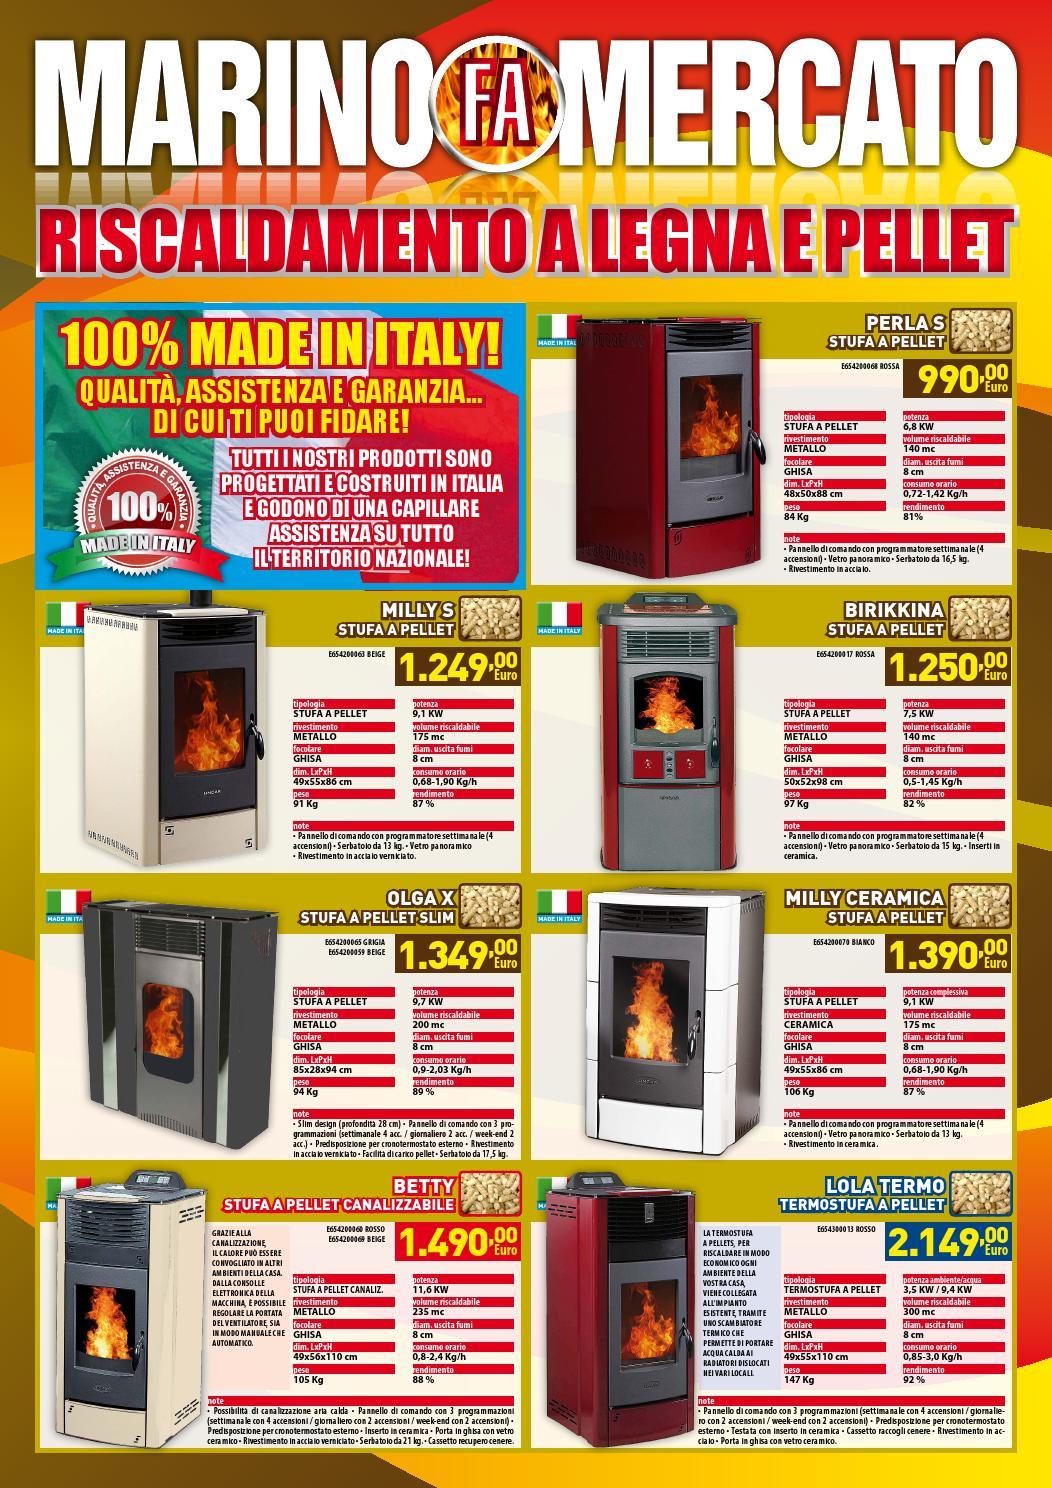 Marino fa mercato riscaldamento 2013 14 by marino fa - Marino fa mercato cucine ...